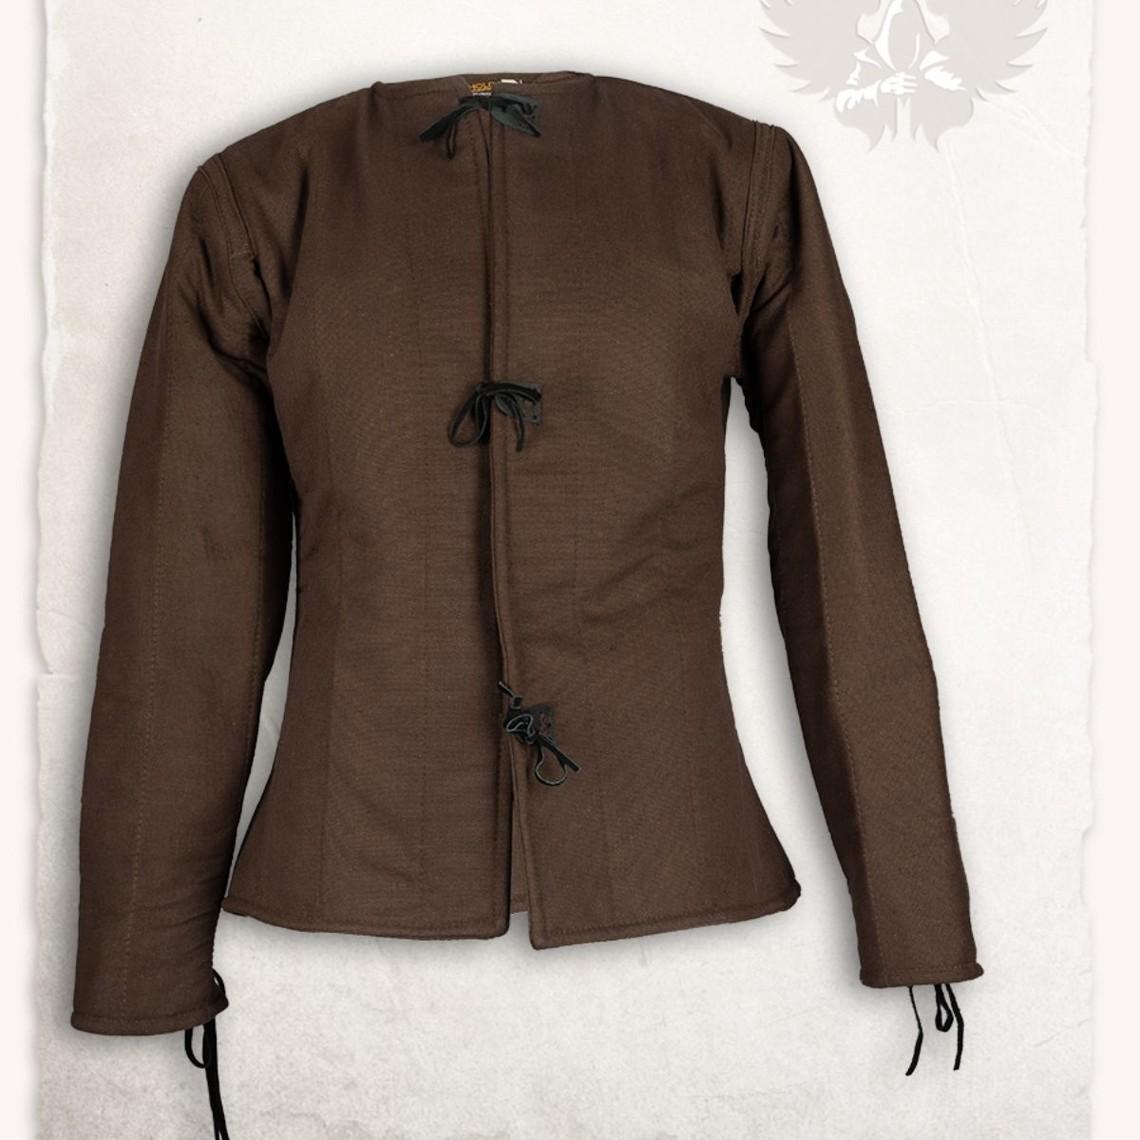 Mytholon 15. århundrede Gambeson findes Aulber, brun lærred